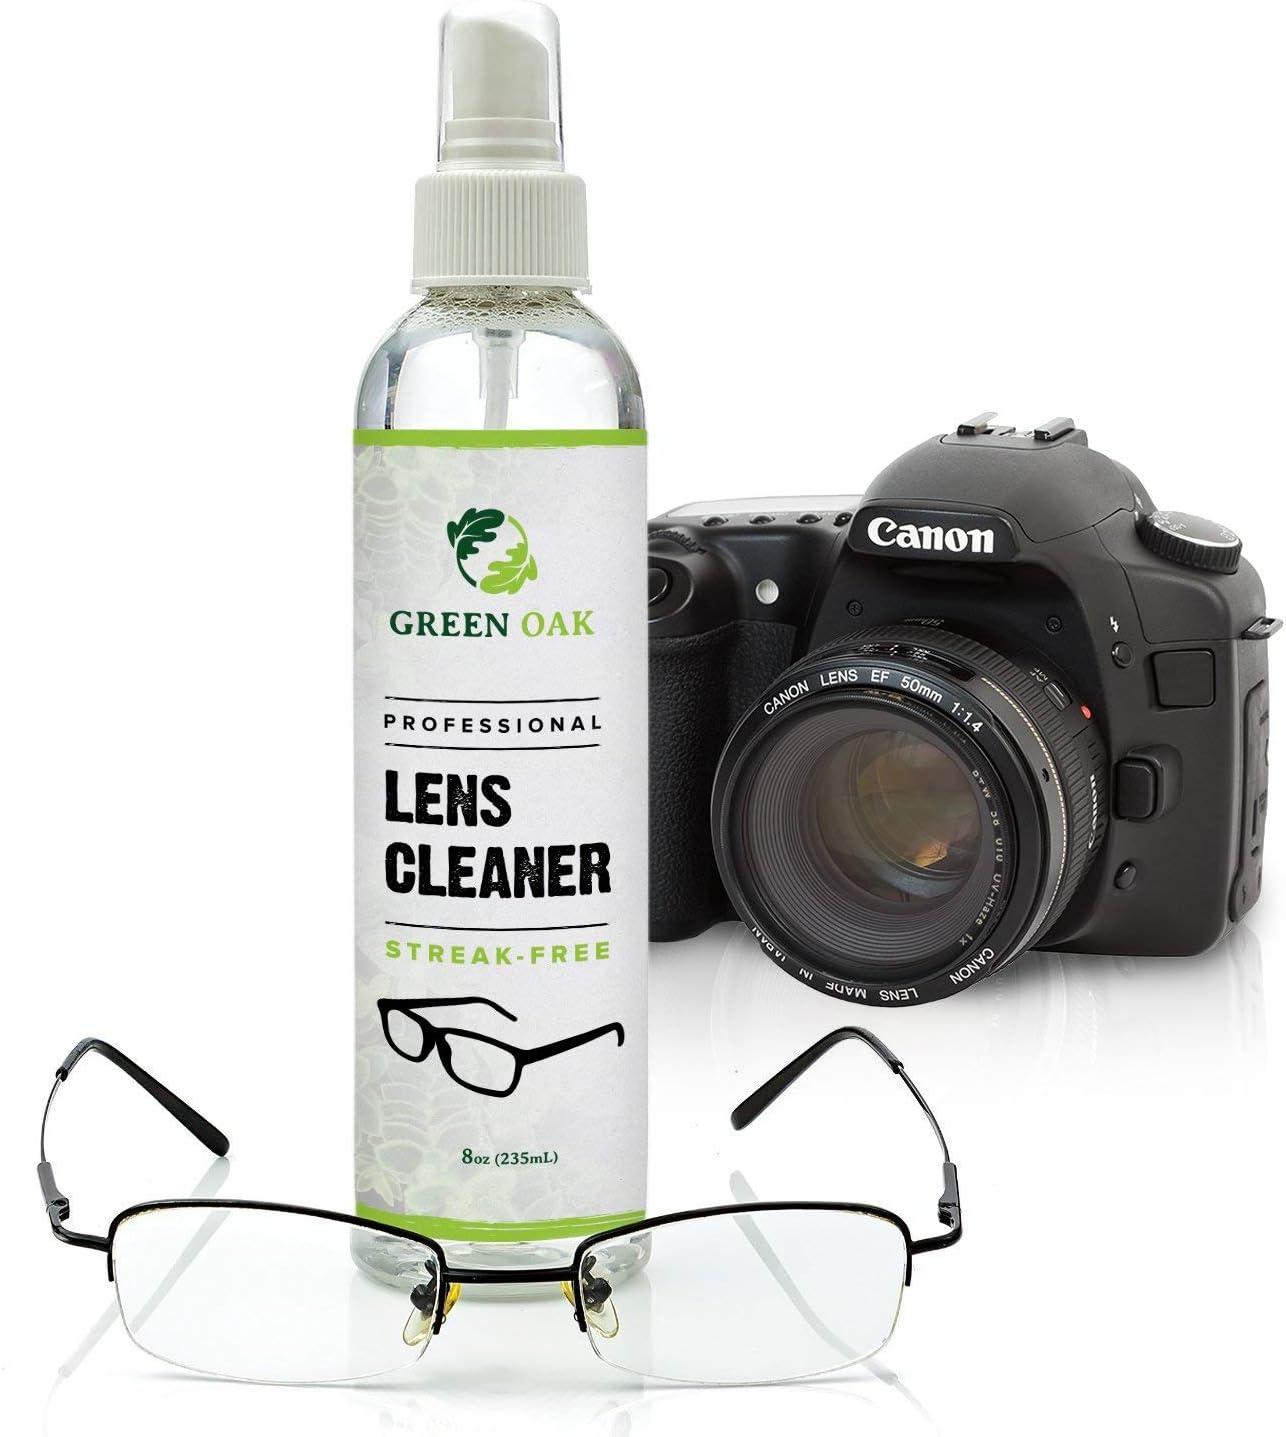 Green Oak Spray limpiador de lentes para lentes, cámaras y otras ...